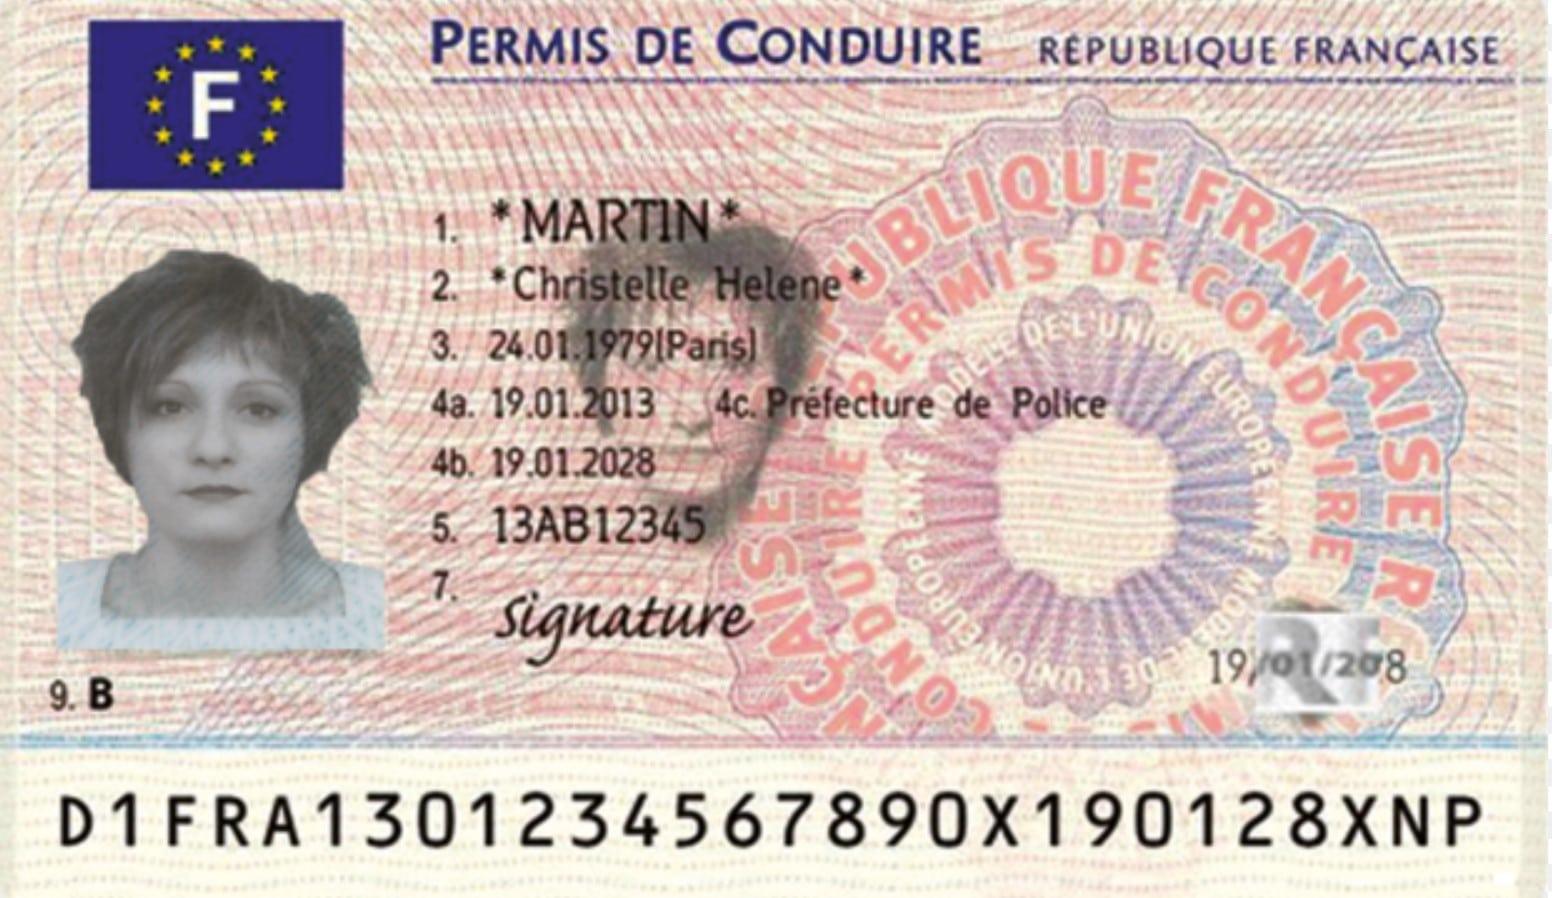 permis de conduire carte grise